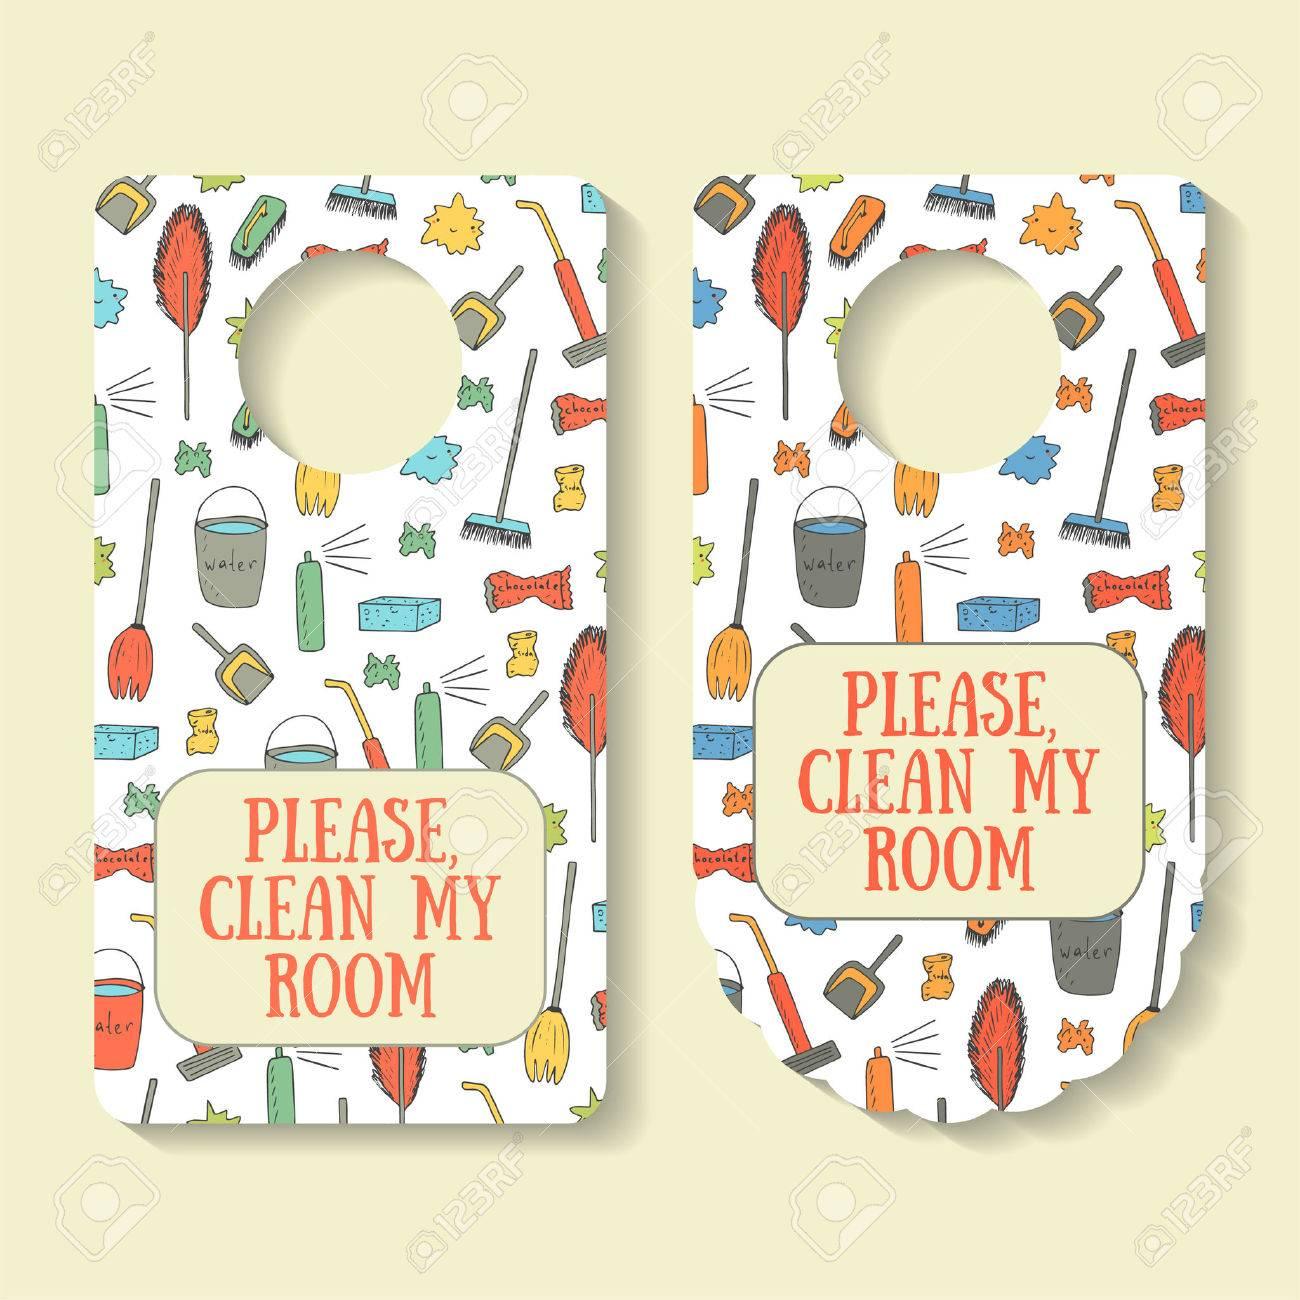 Please, clean my room banner for door interior with brush, rubbish, vacuum cleaner, broom, shovel, bucket with water, sponge, fresher. Door handle creative doodle sign - 53897389